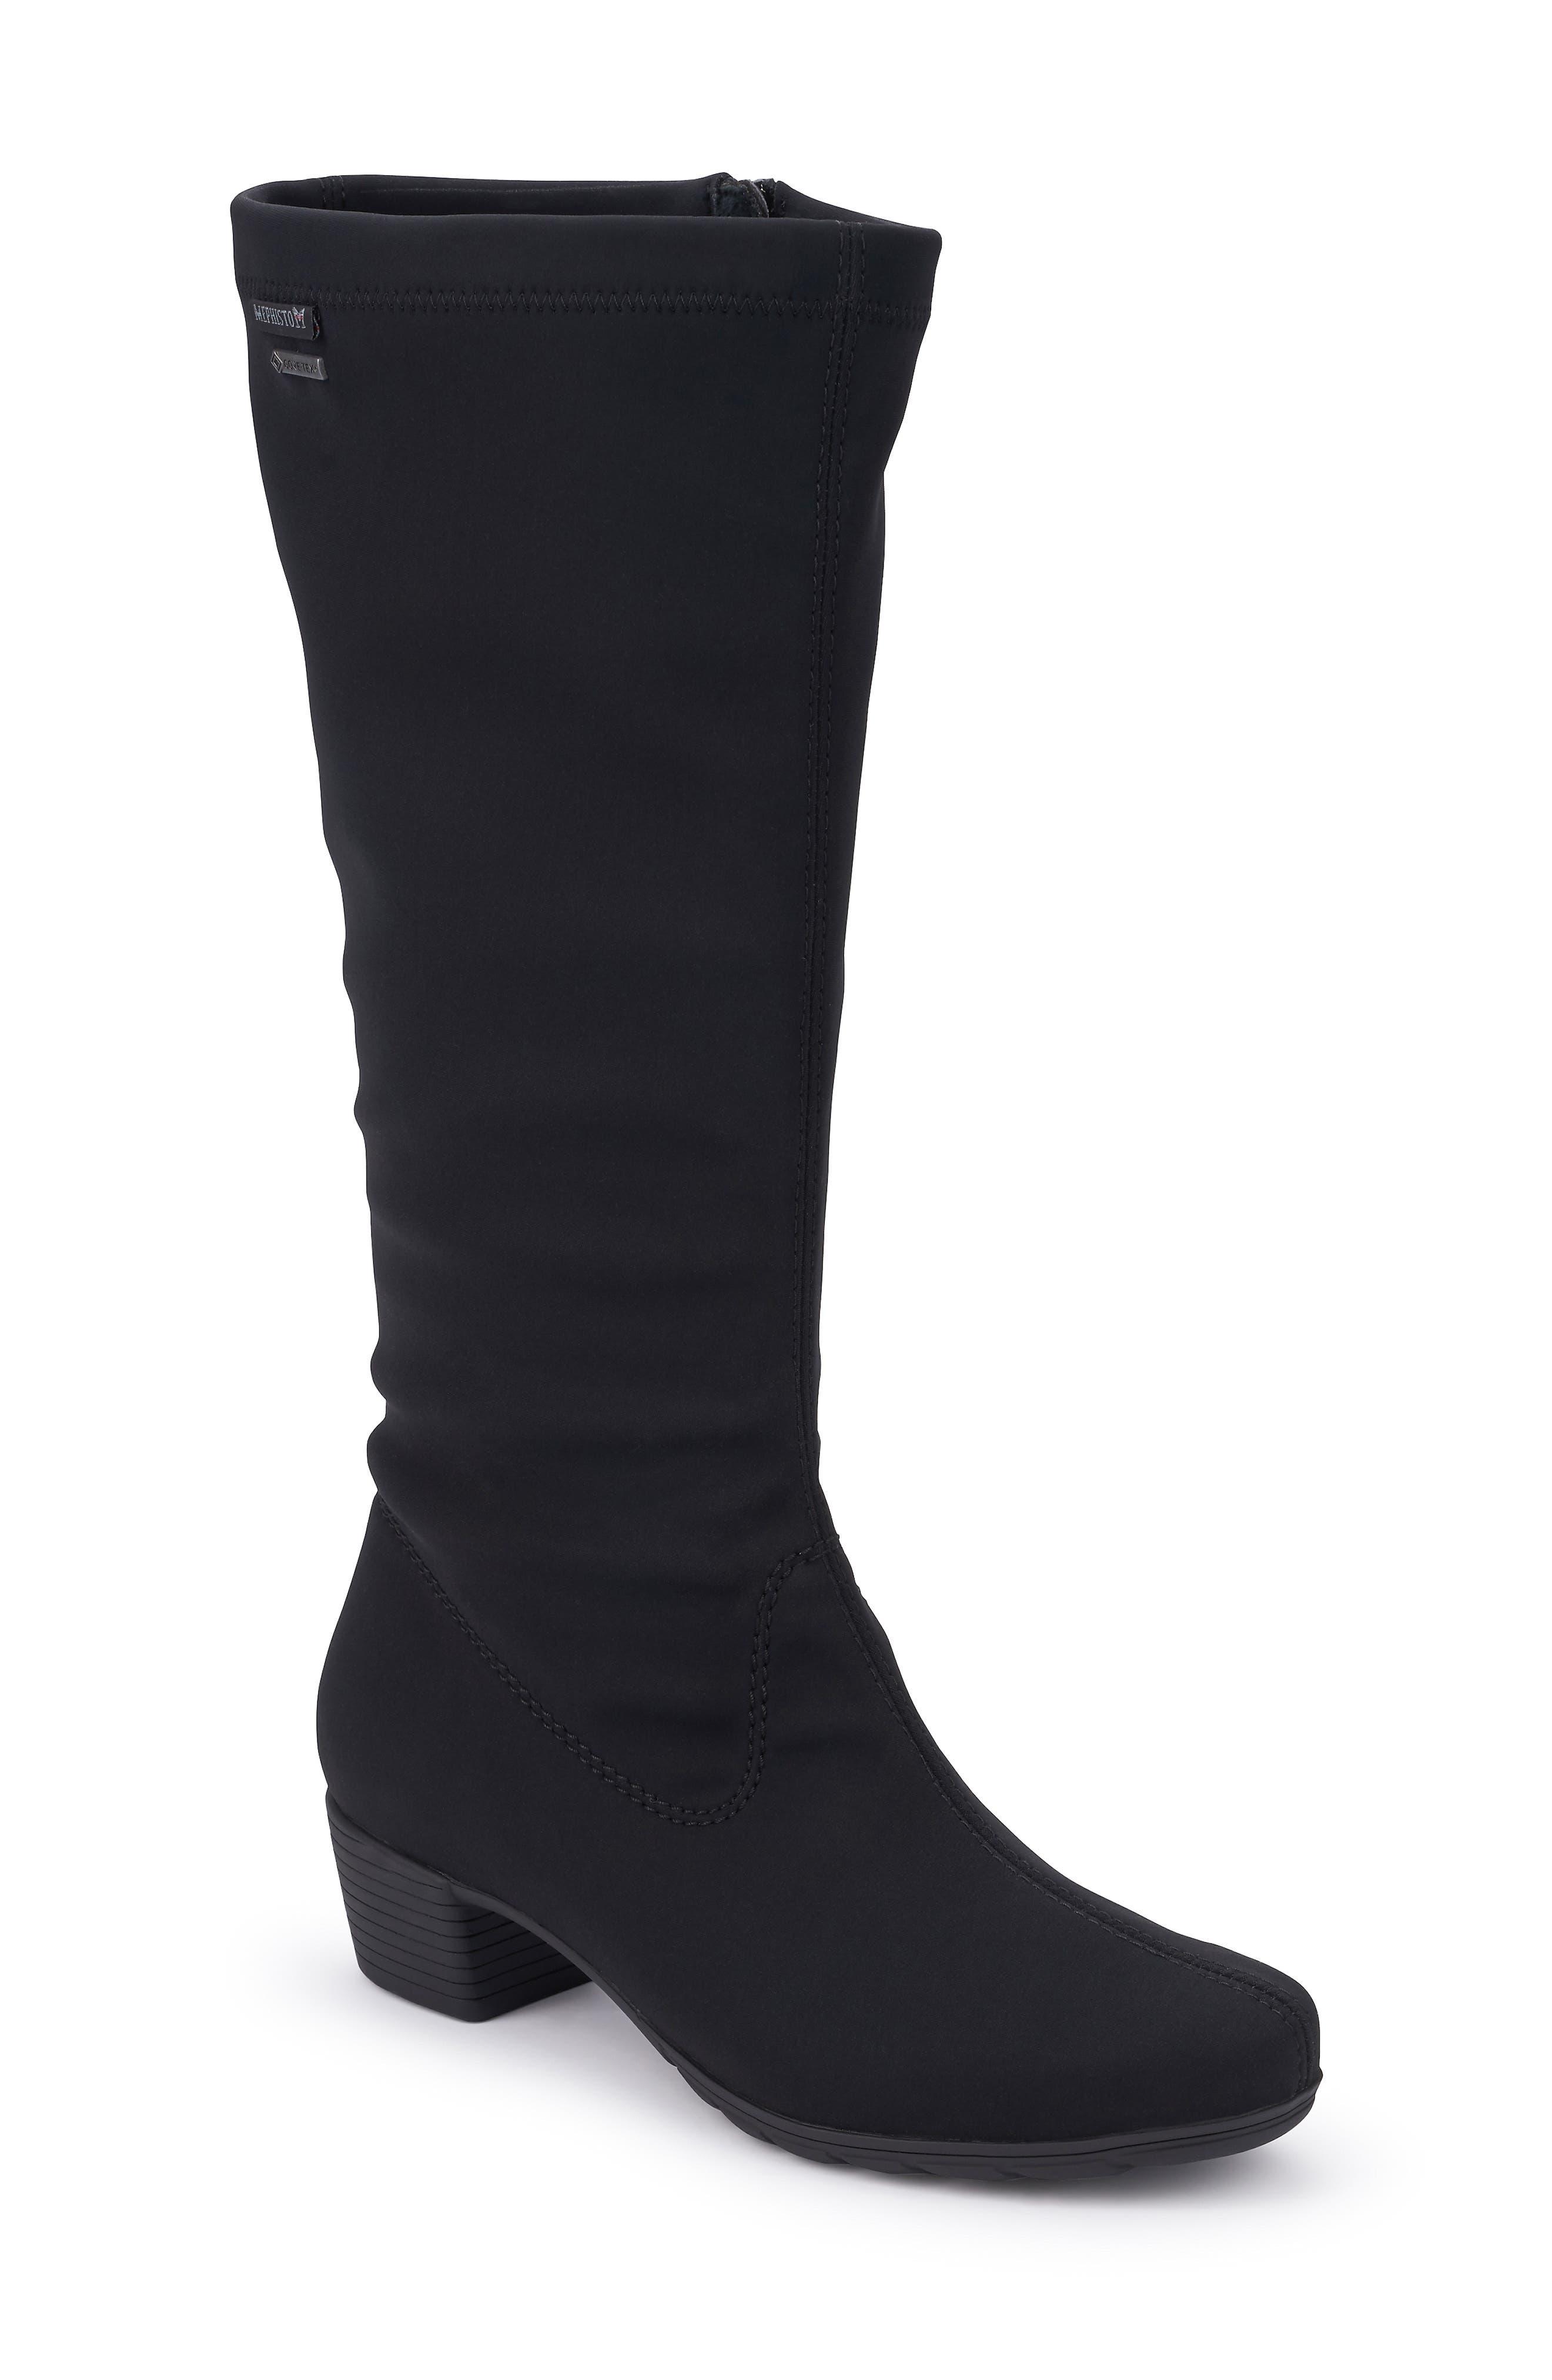 Issa Gore-Tex Tall Boot